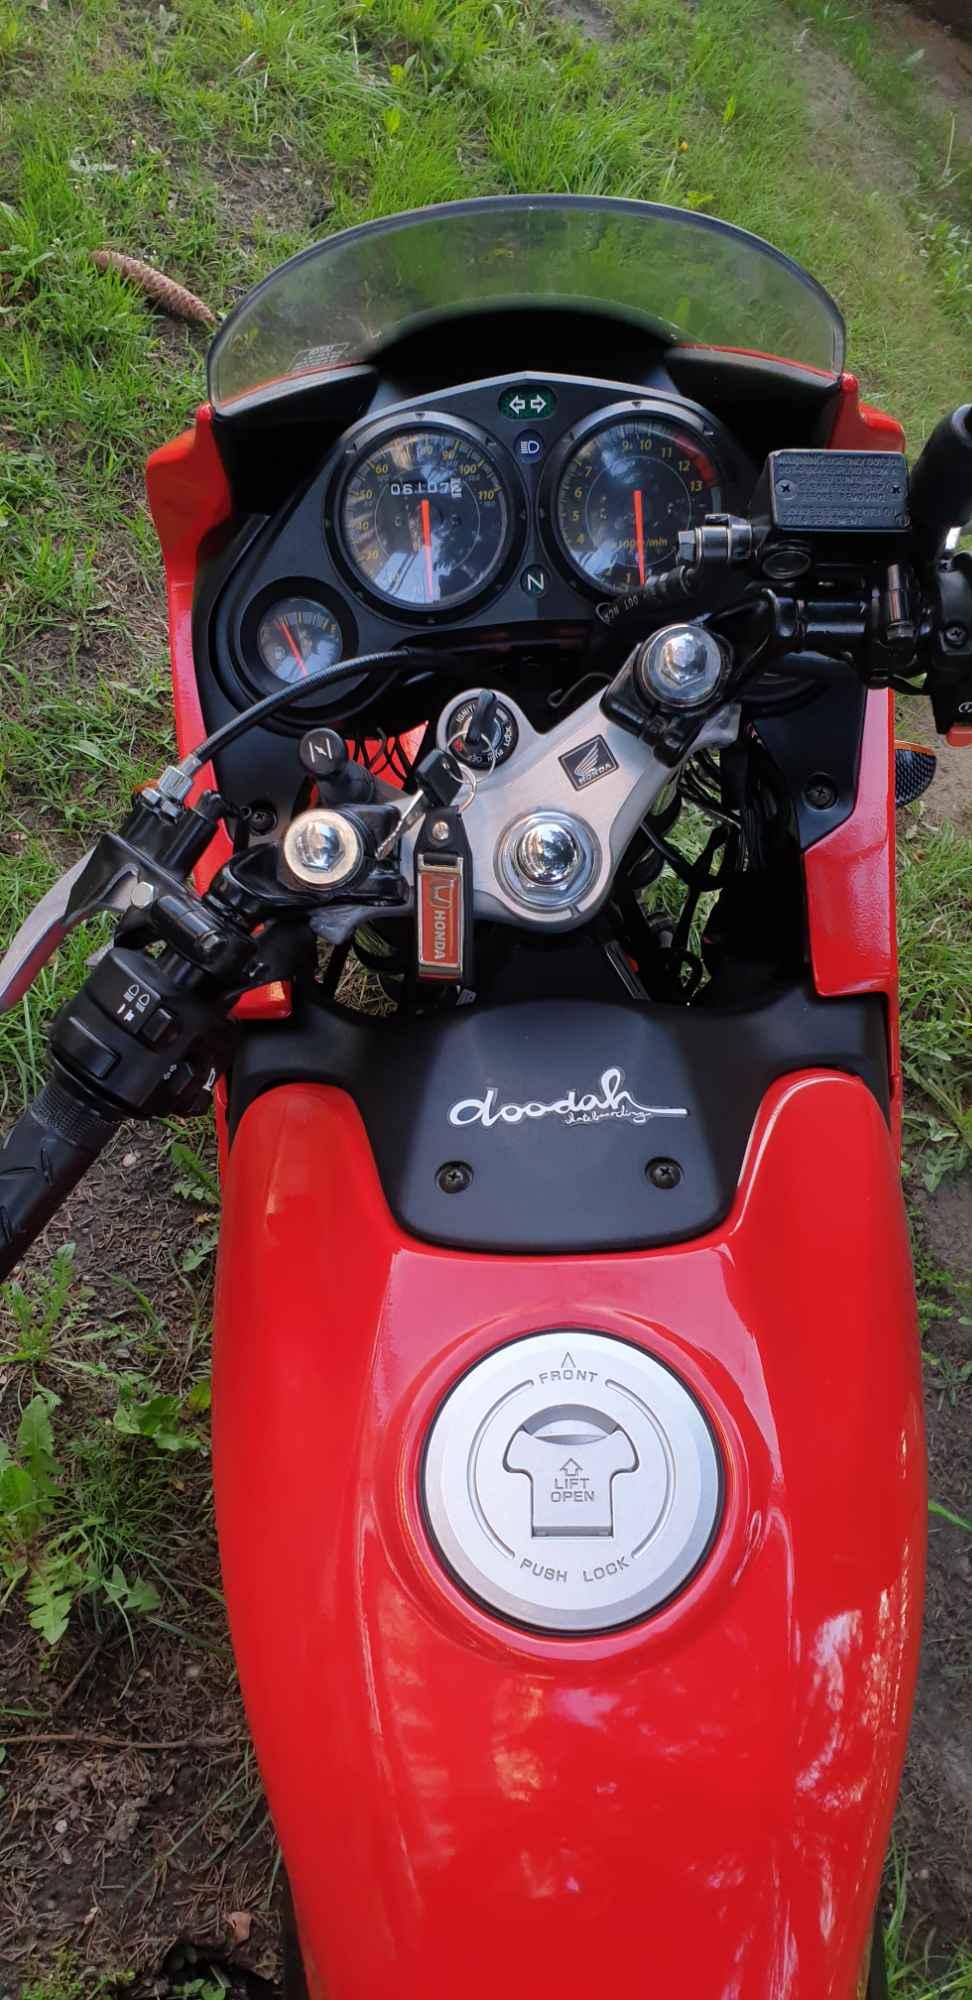 Honda Cbr 125r Barchów - zdjęcie 11